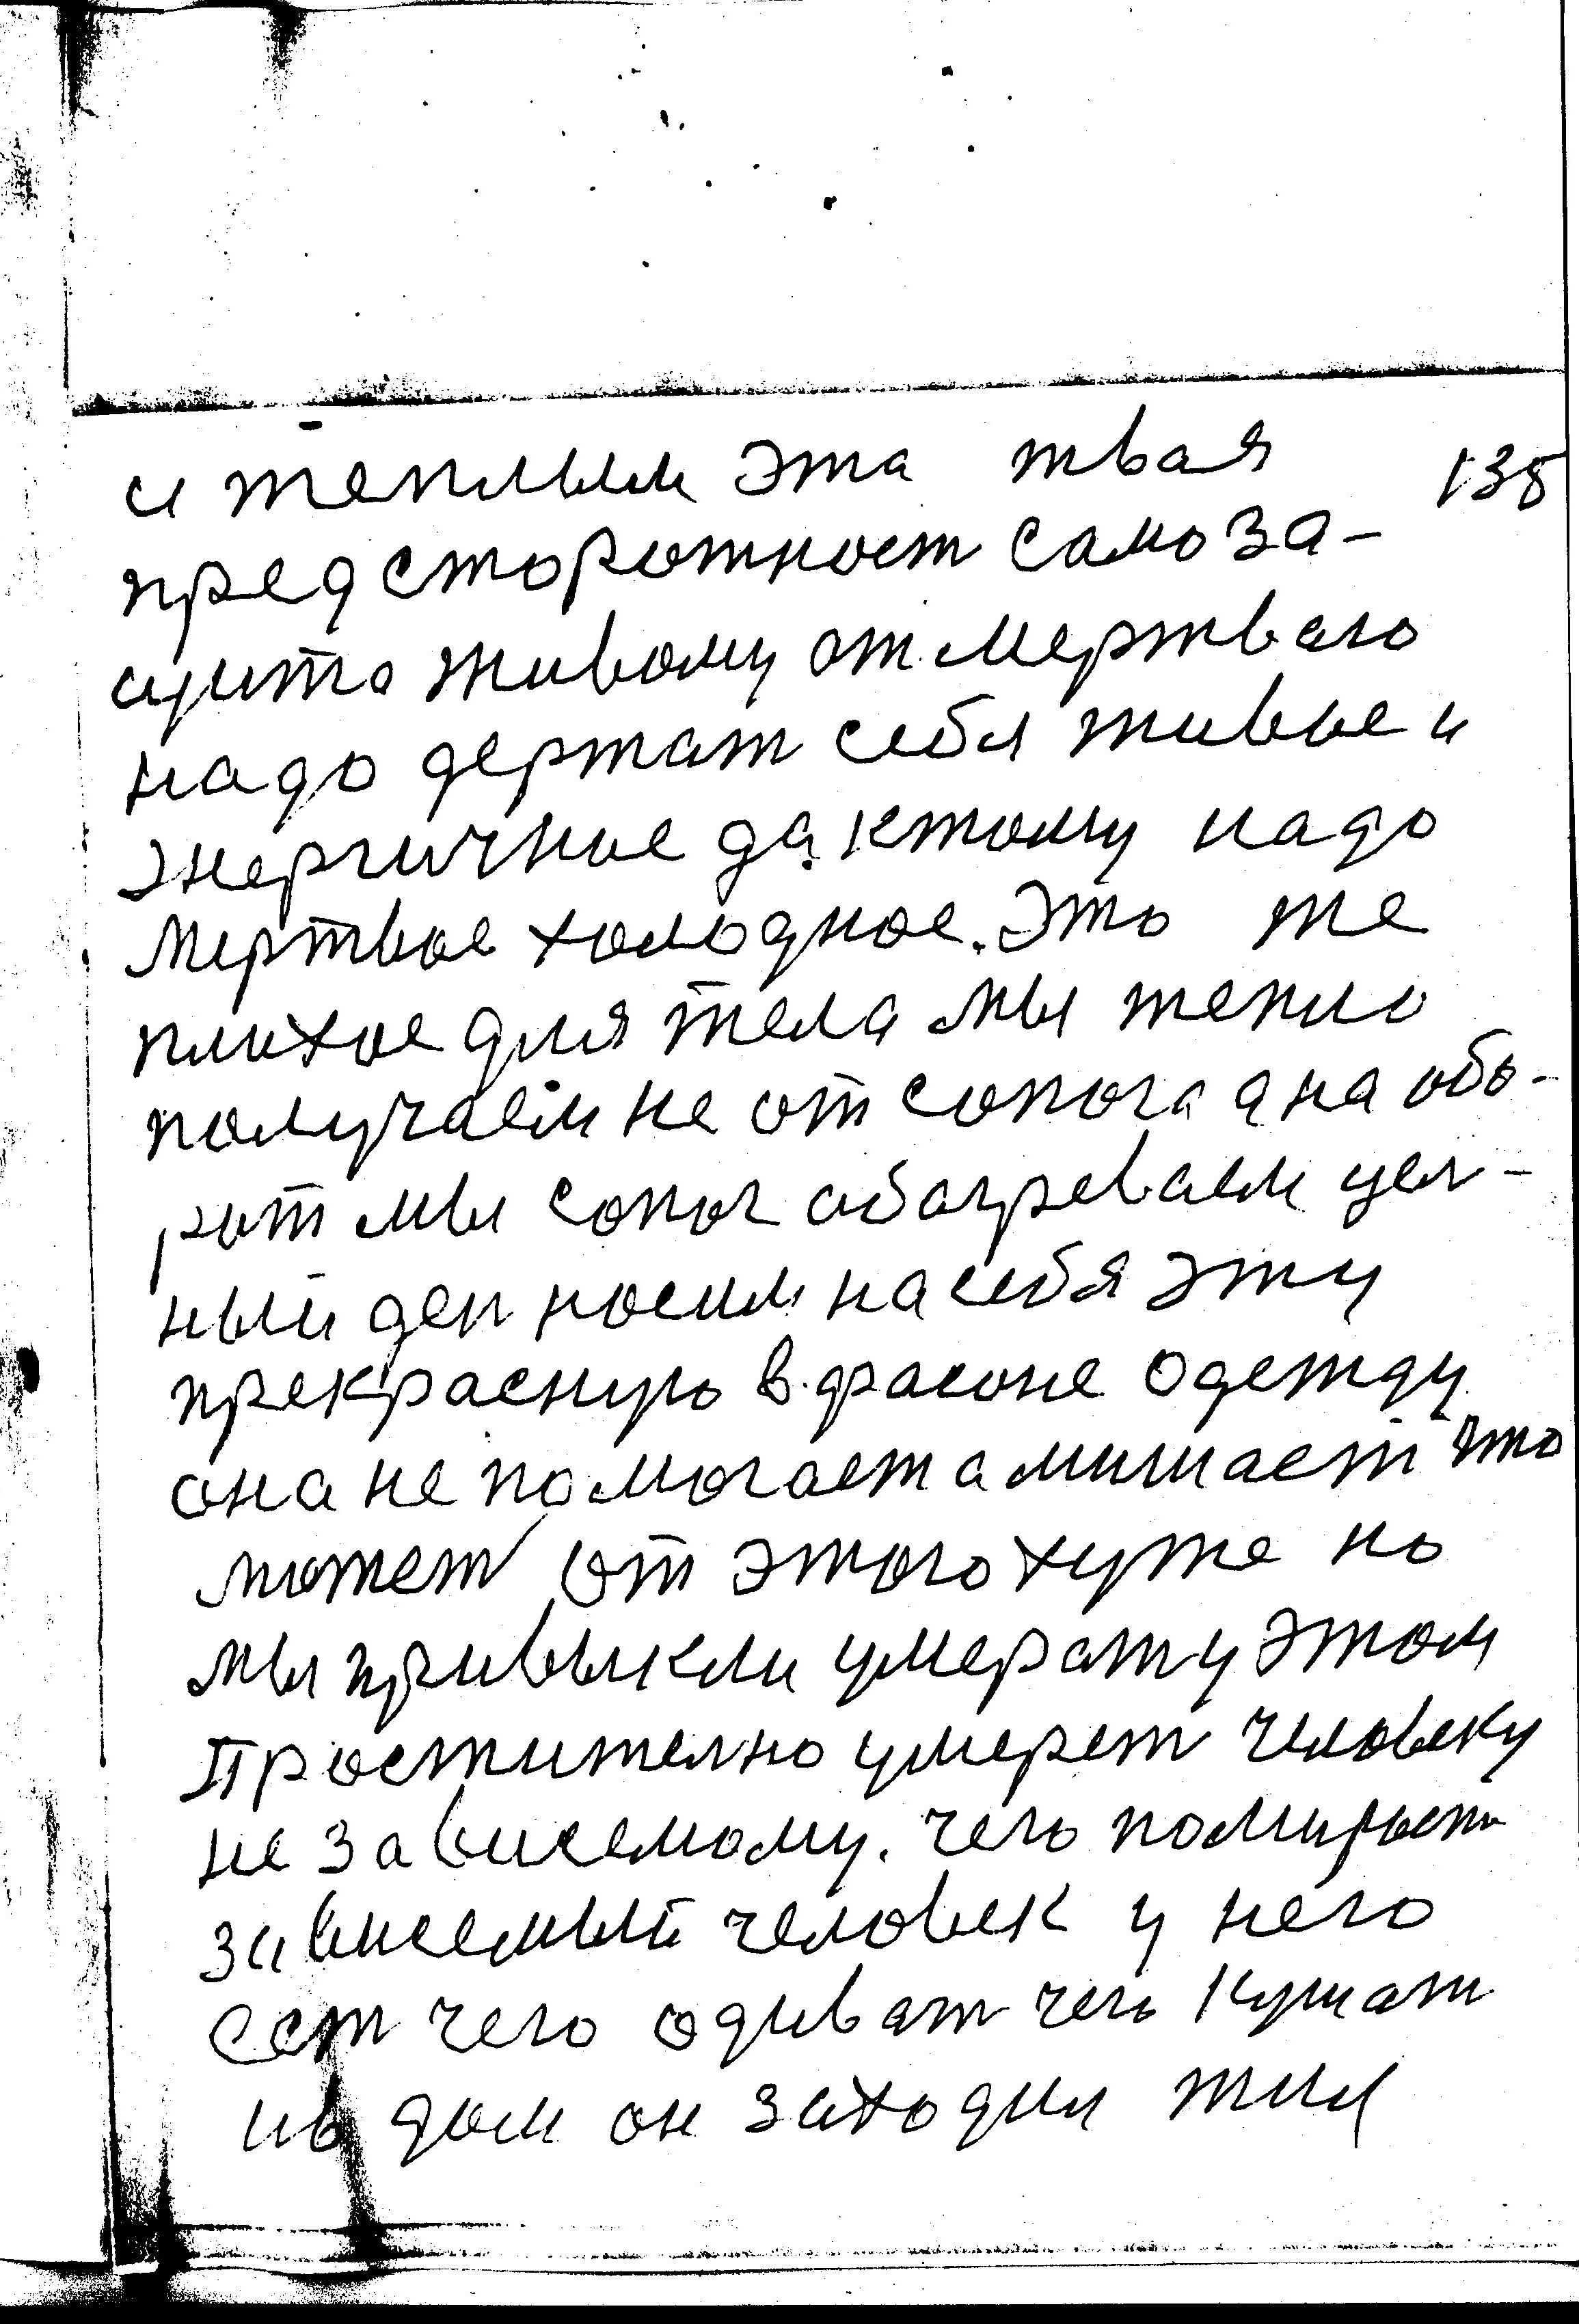 59-135.jpg